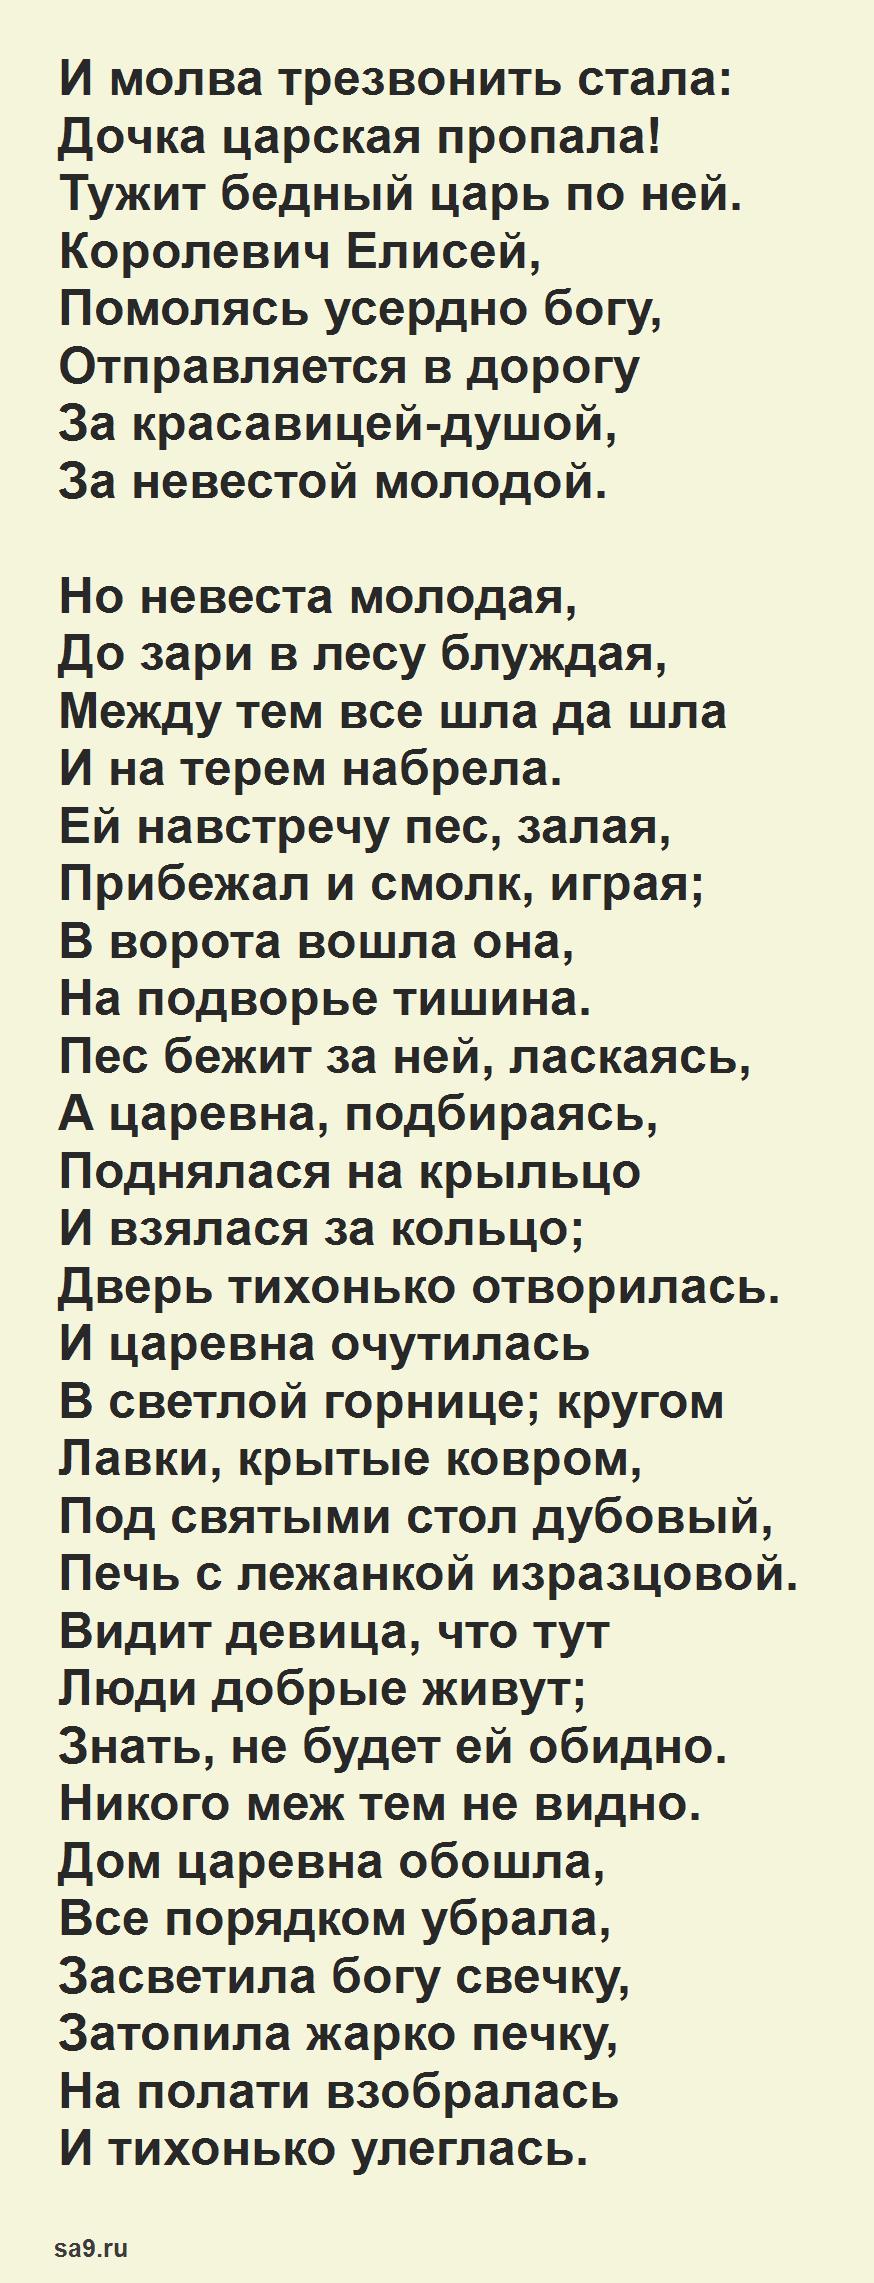 Пушкин сказка 'О мертвой царевне и семи богатырях'